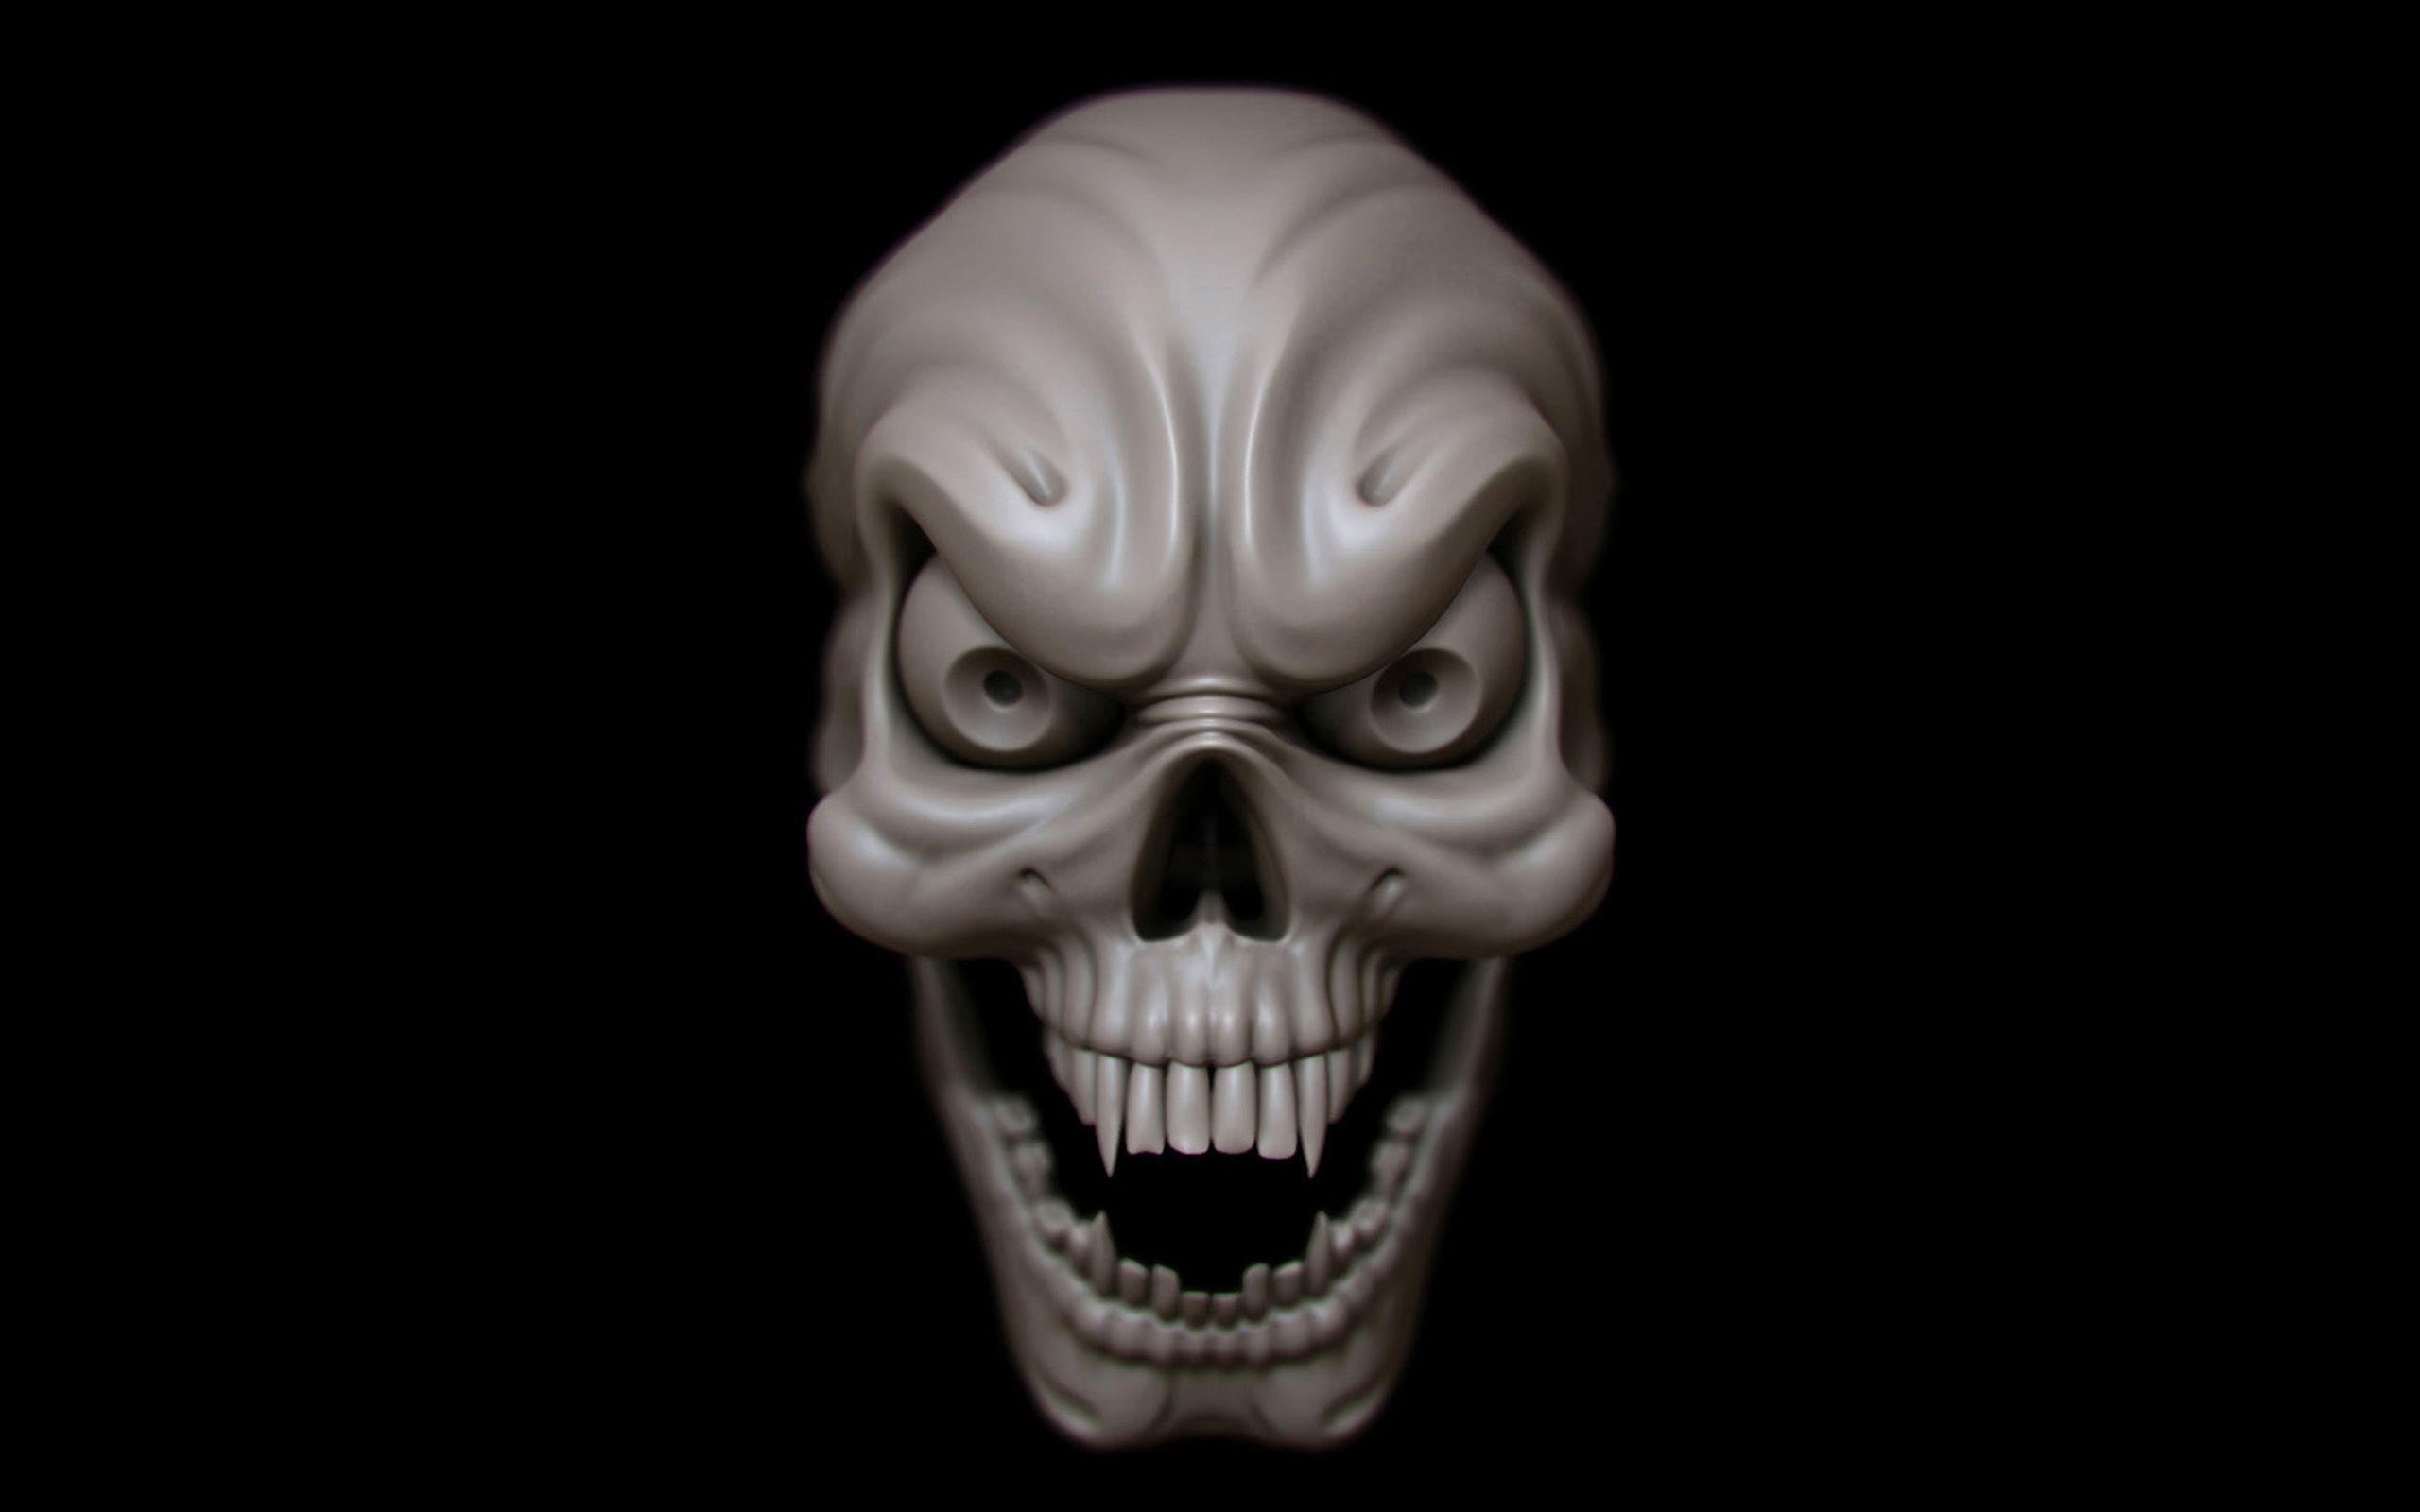 HD 3D Wallpapers Horror - Wallpaper Cave